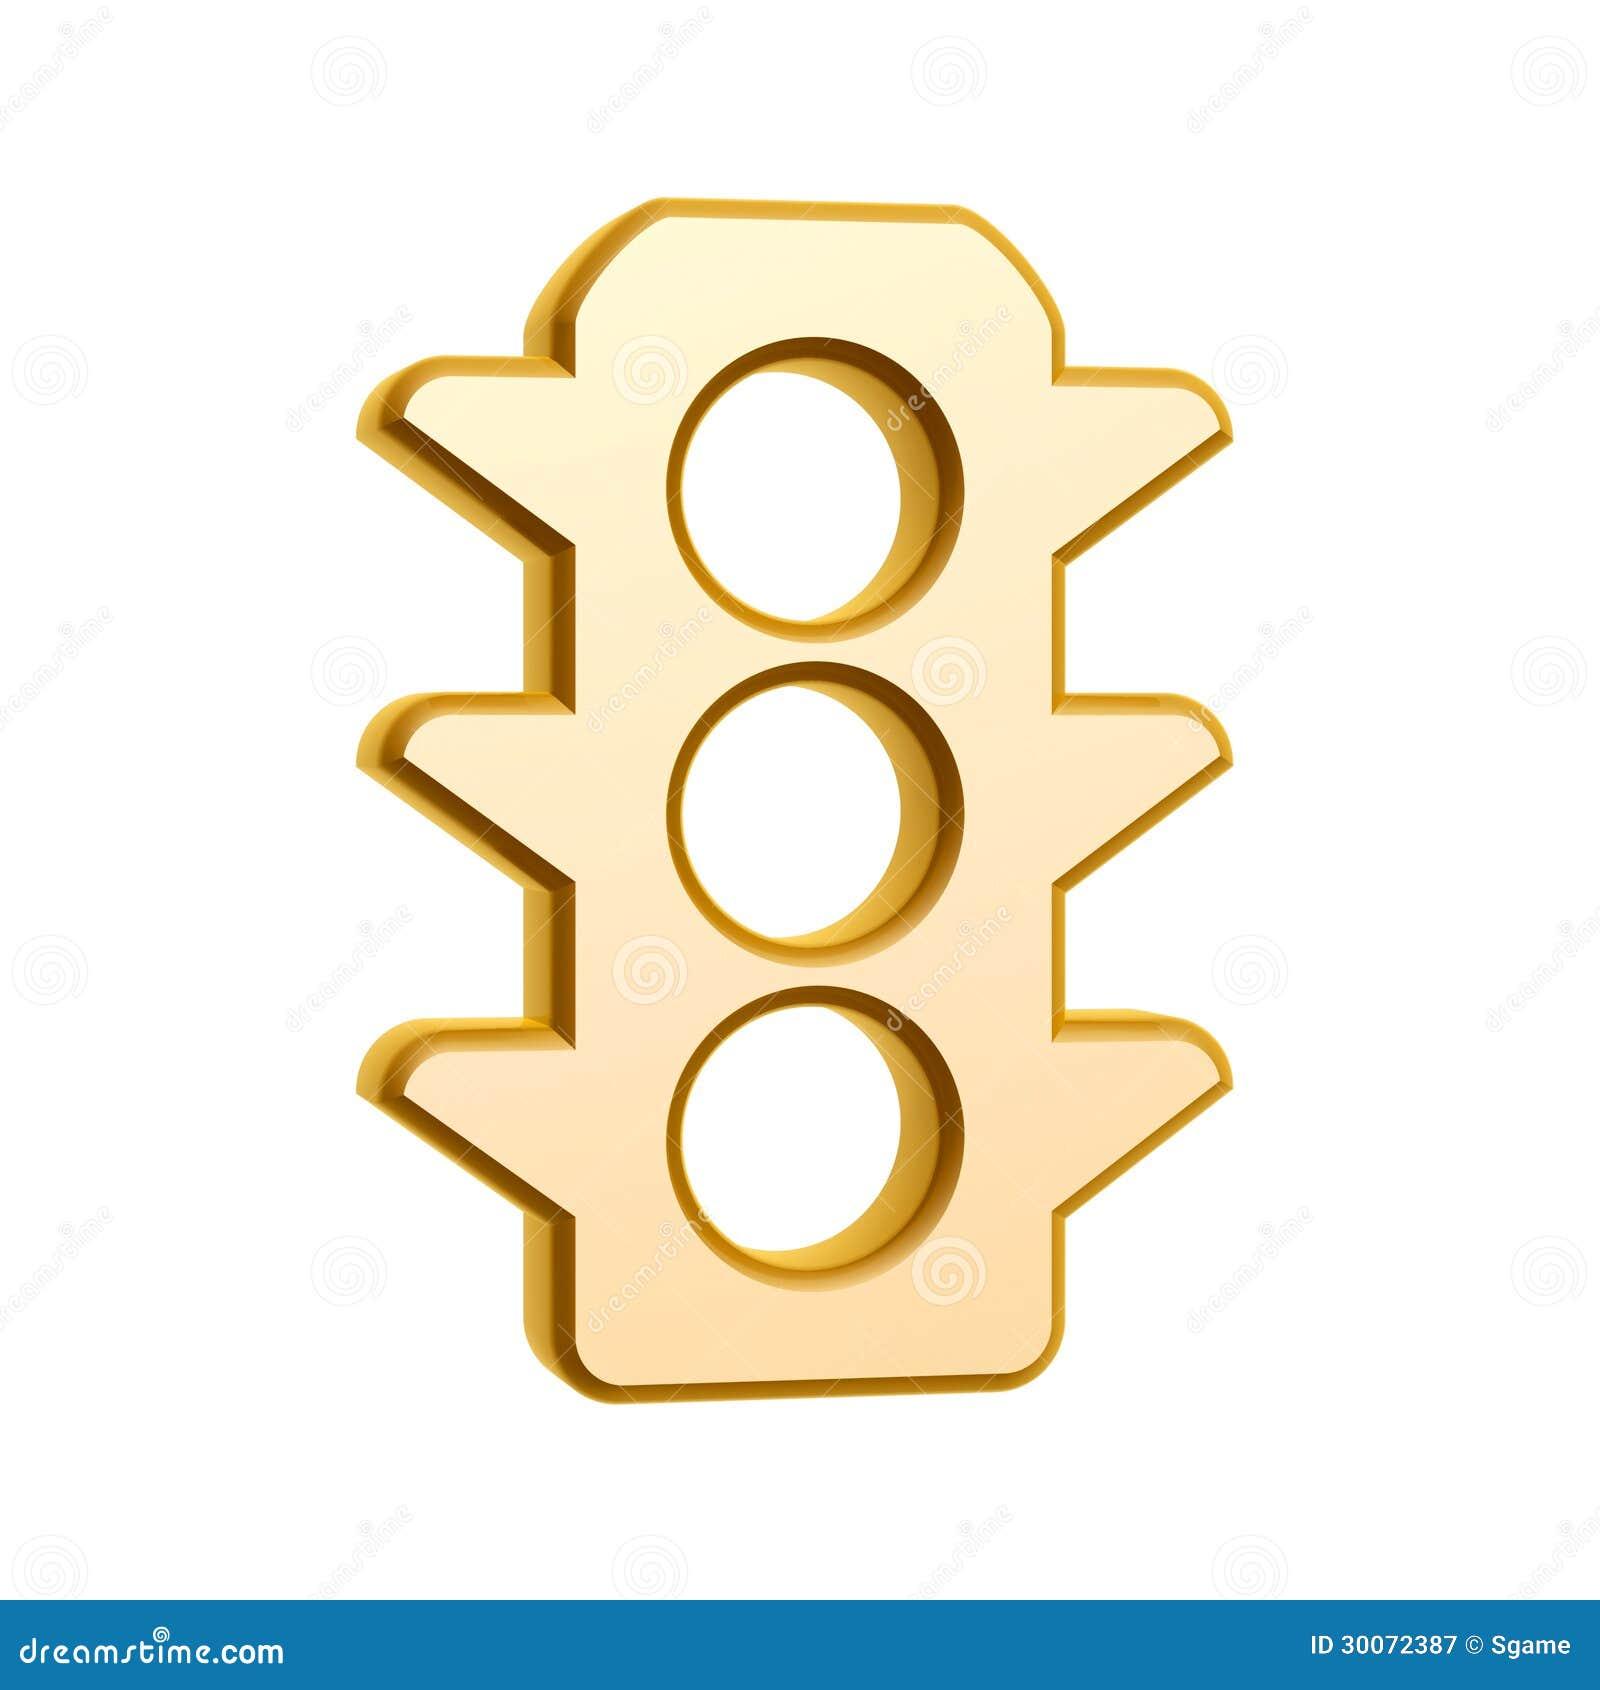 Golden Traffic Light Symbol Stock Illustration Illustration Of